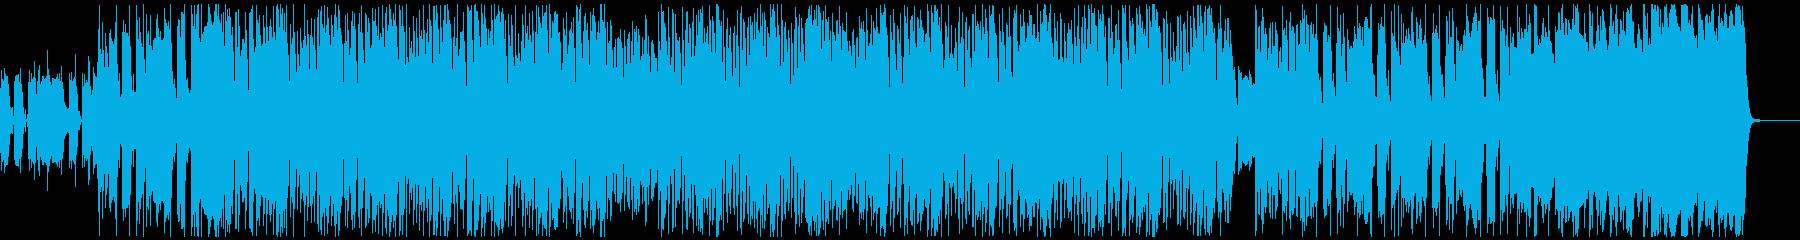 陽気でハイテンションなスカロックの再生済みの波形